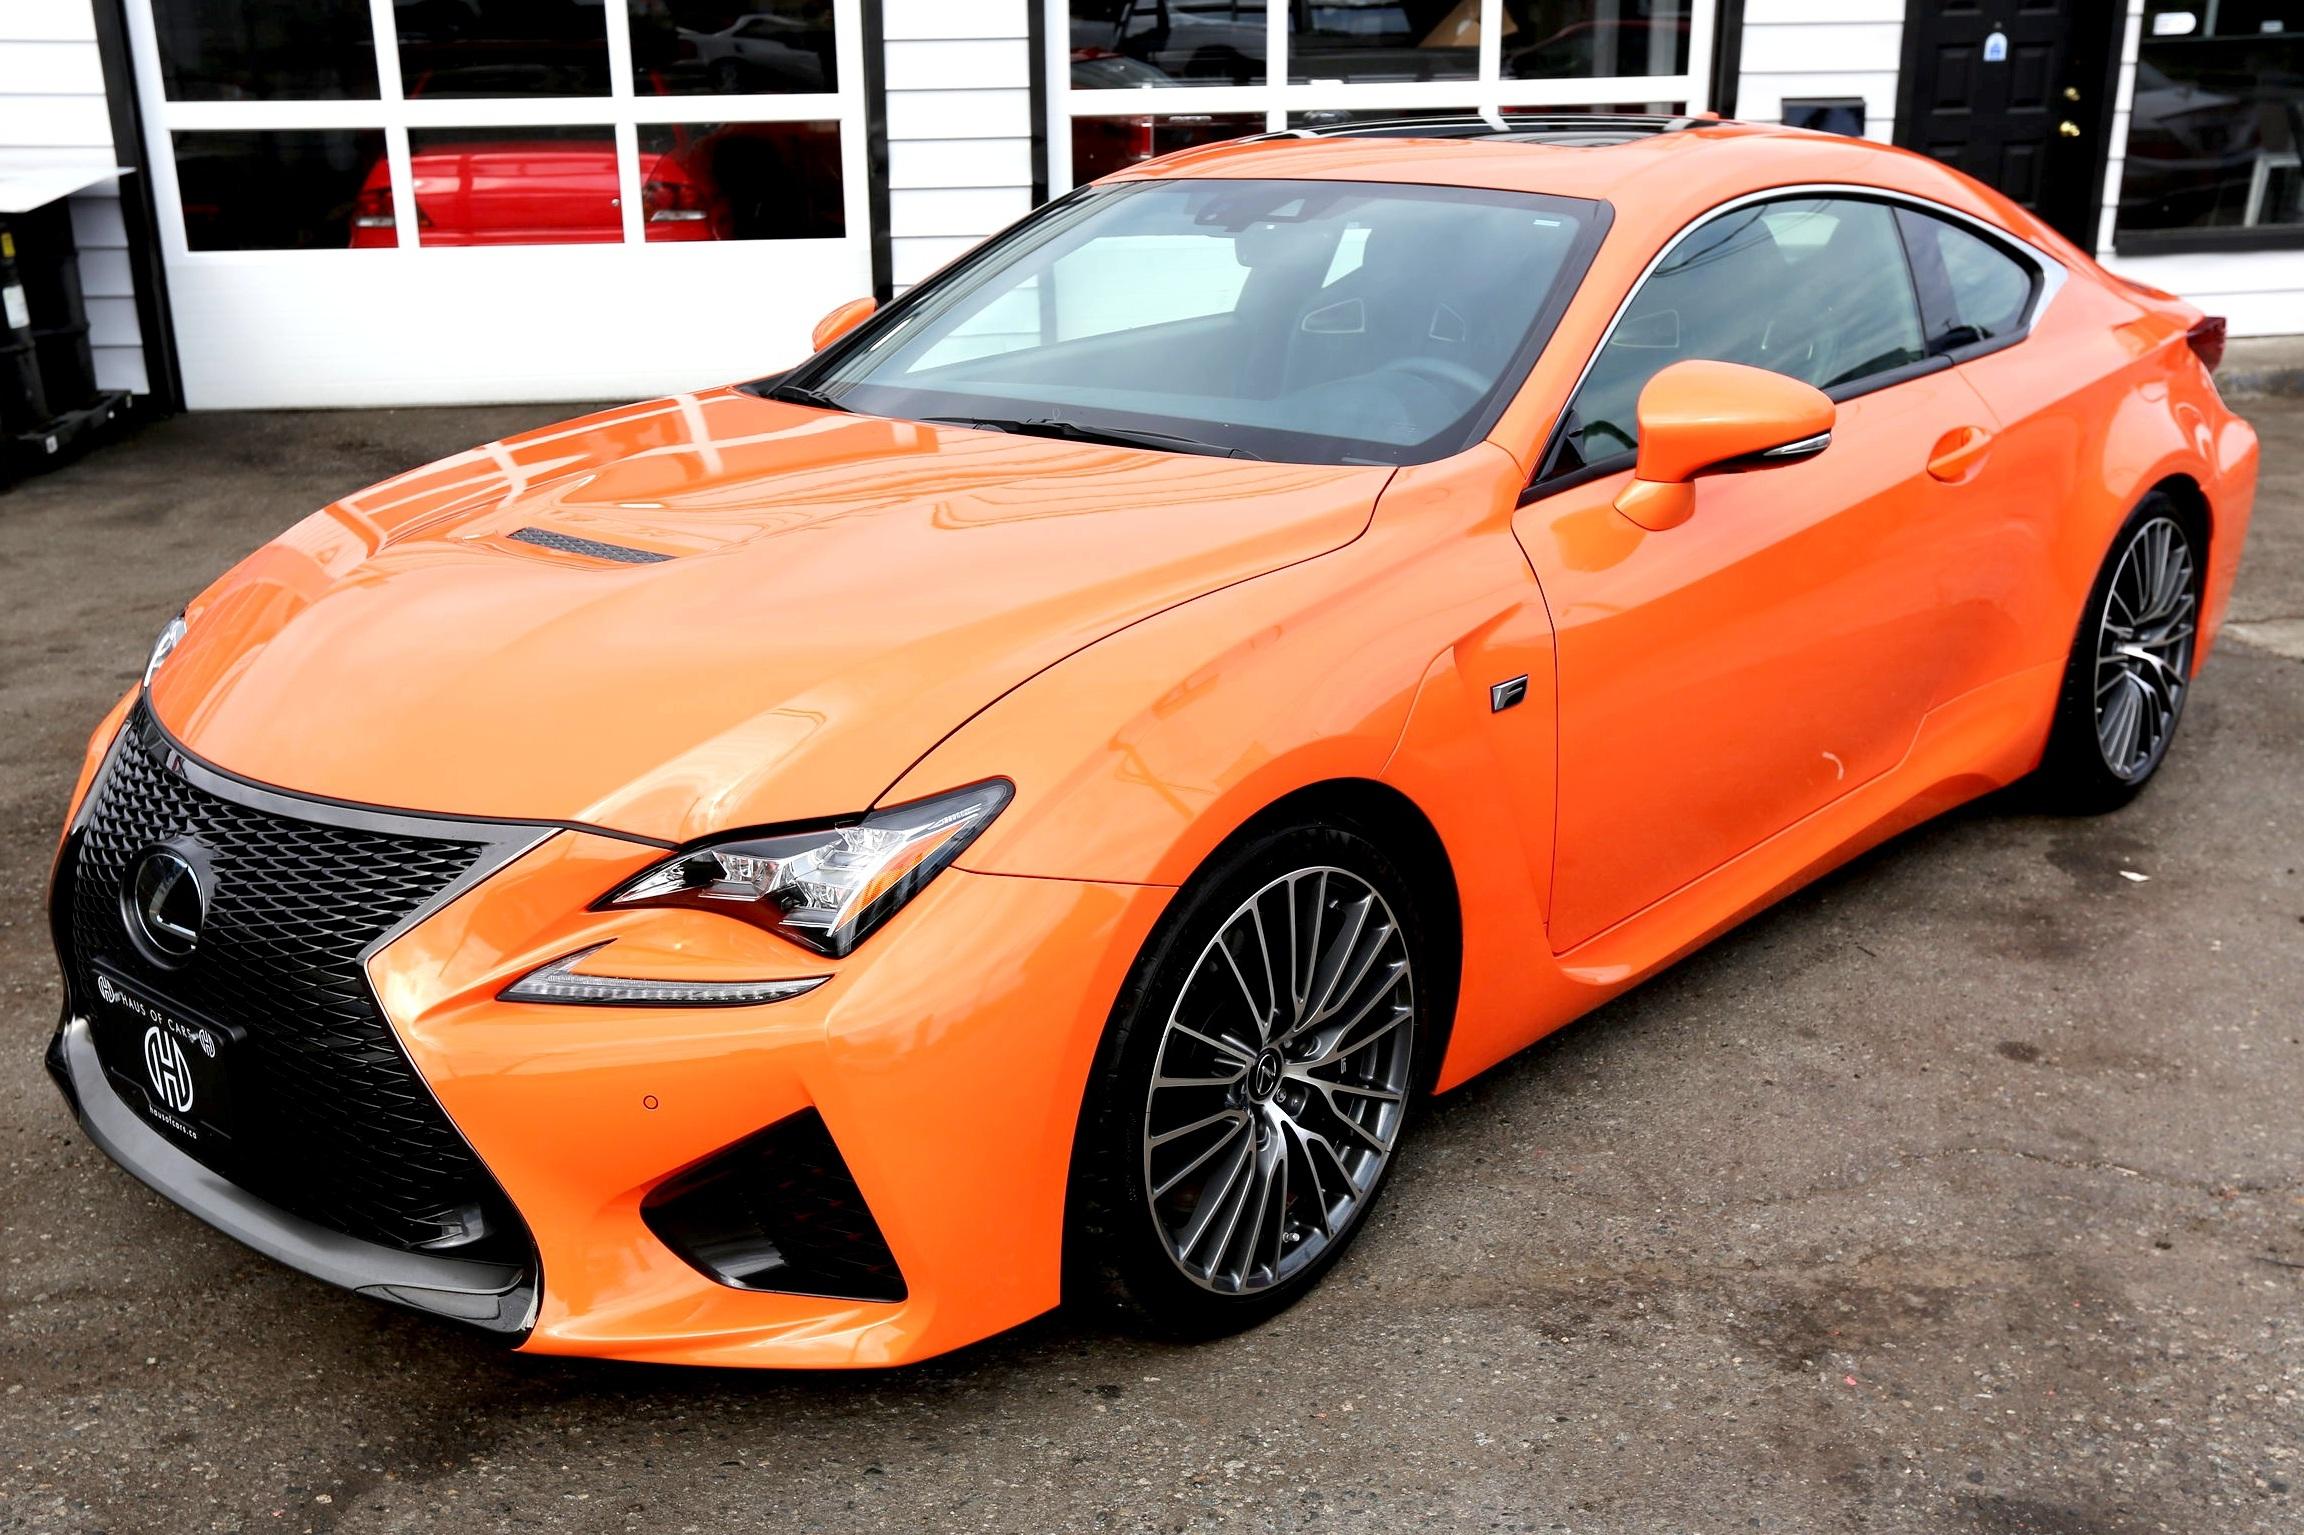 2015 lexus rc-f coupe -